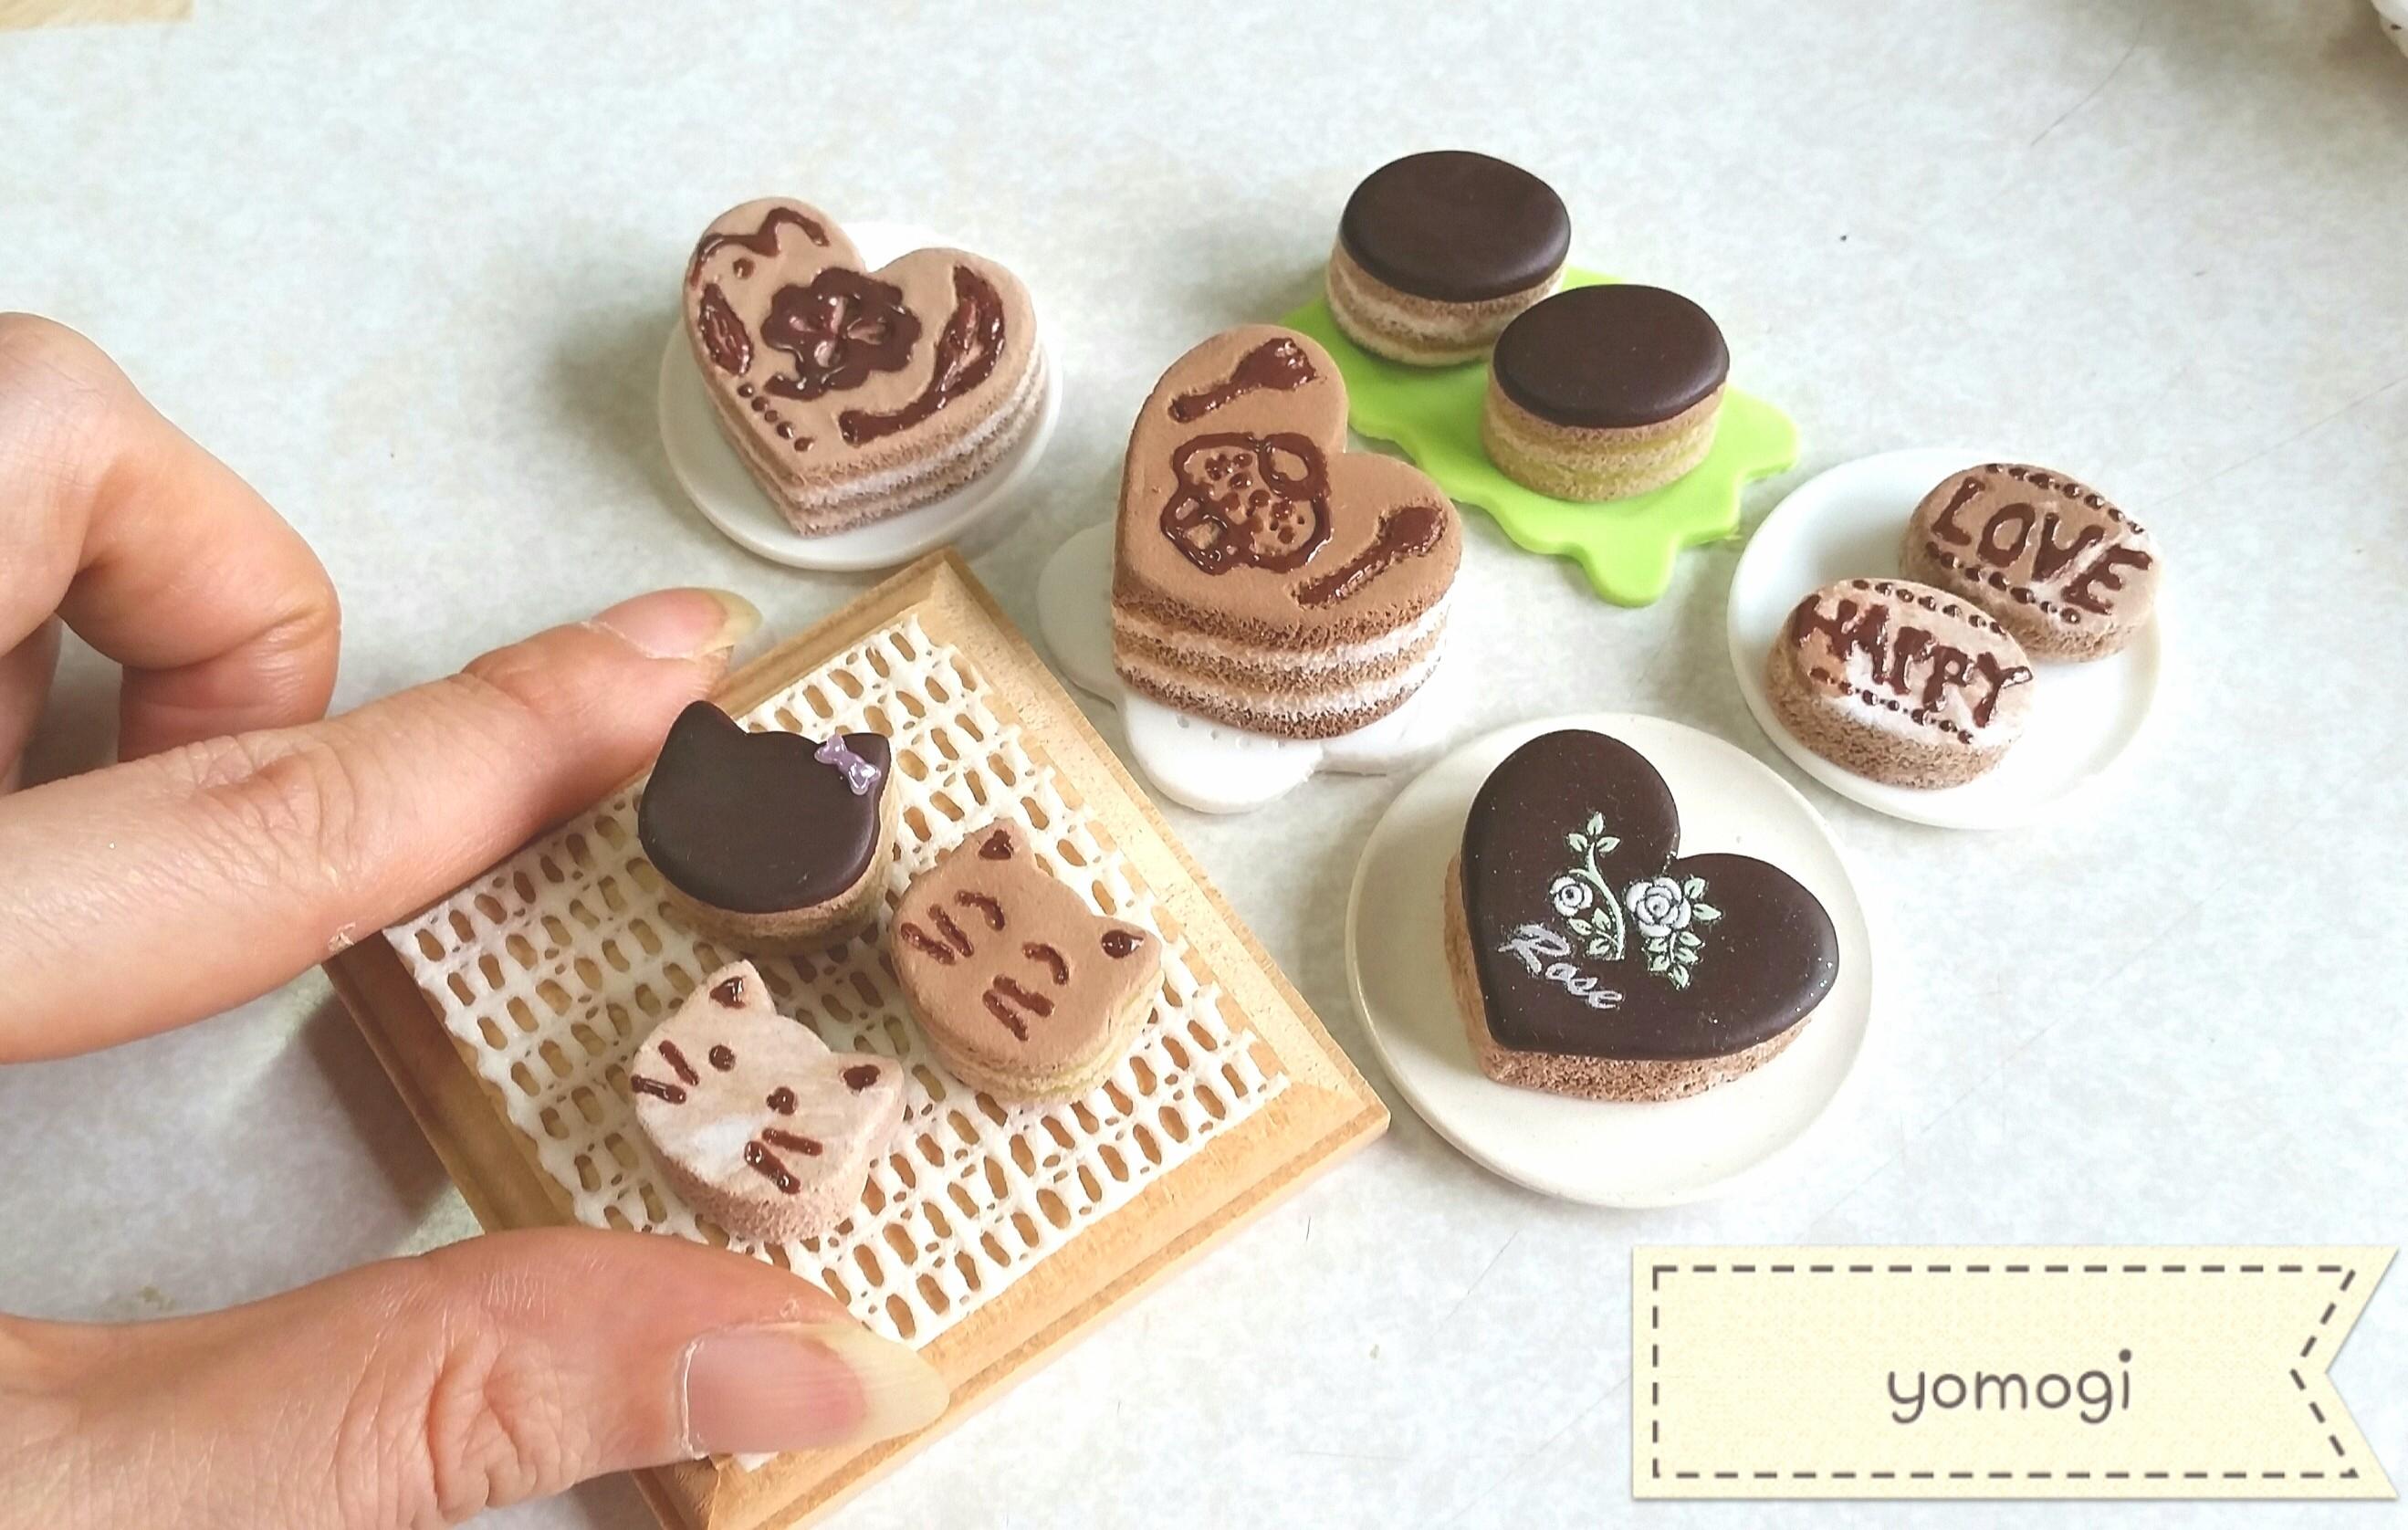 ミニチュアフード,かわいいチョコレートケーキ,紙樹脂粘土,スイーツ